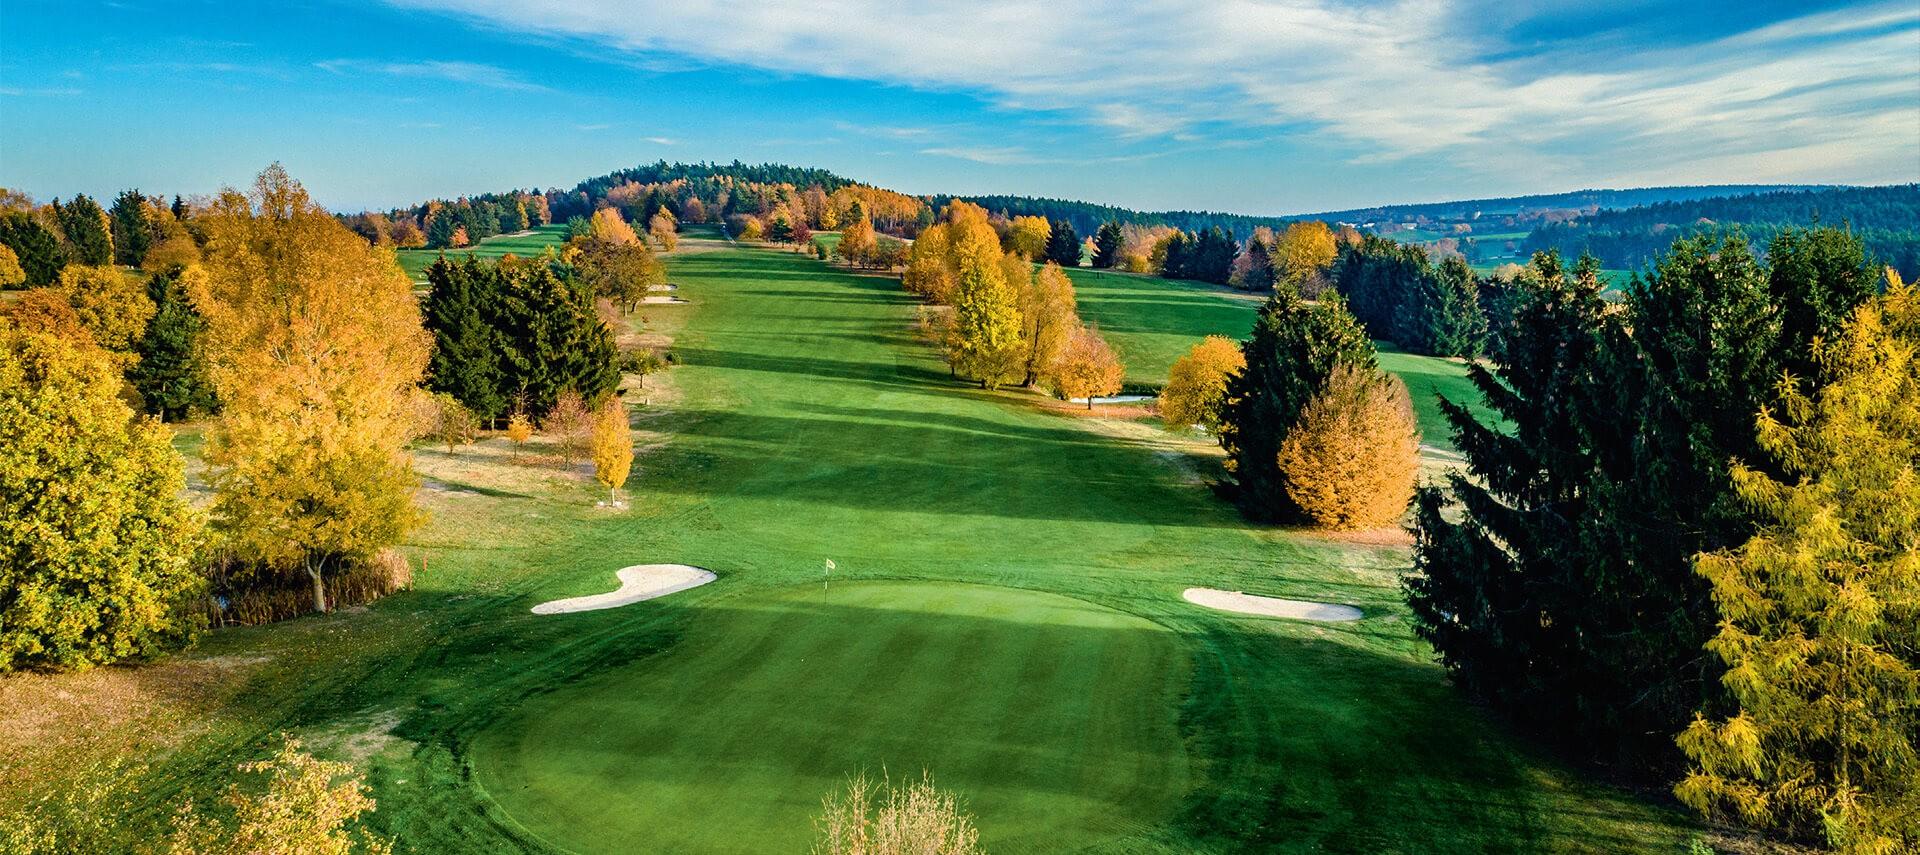 1 - GolfClub Oberpfälzer Wald - 2021-04